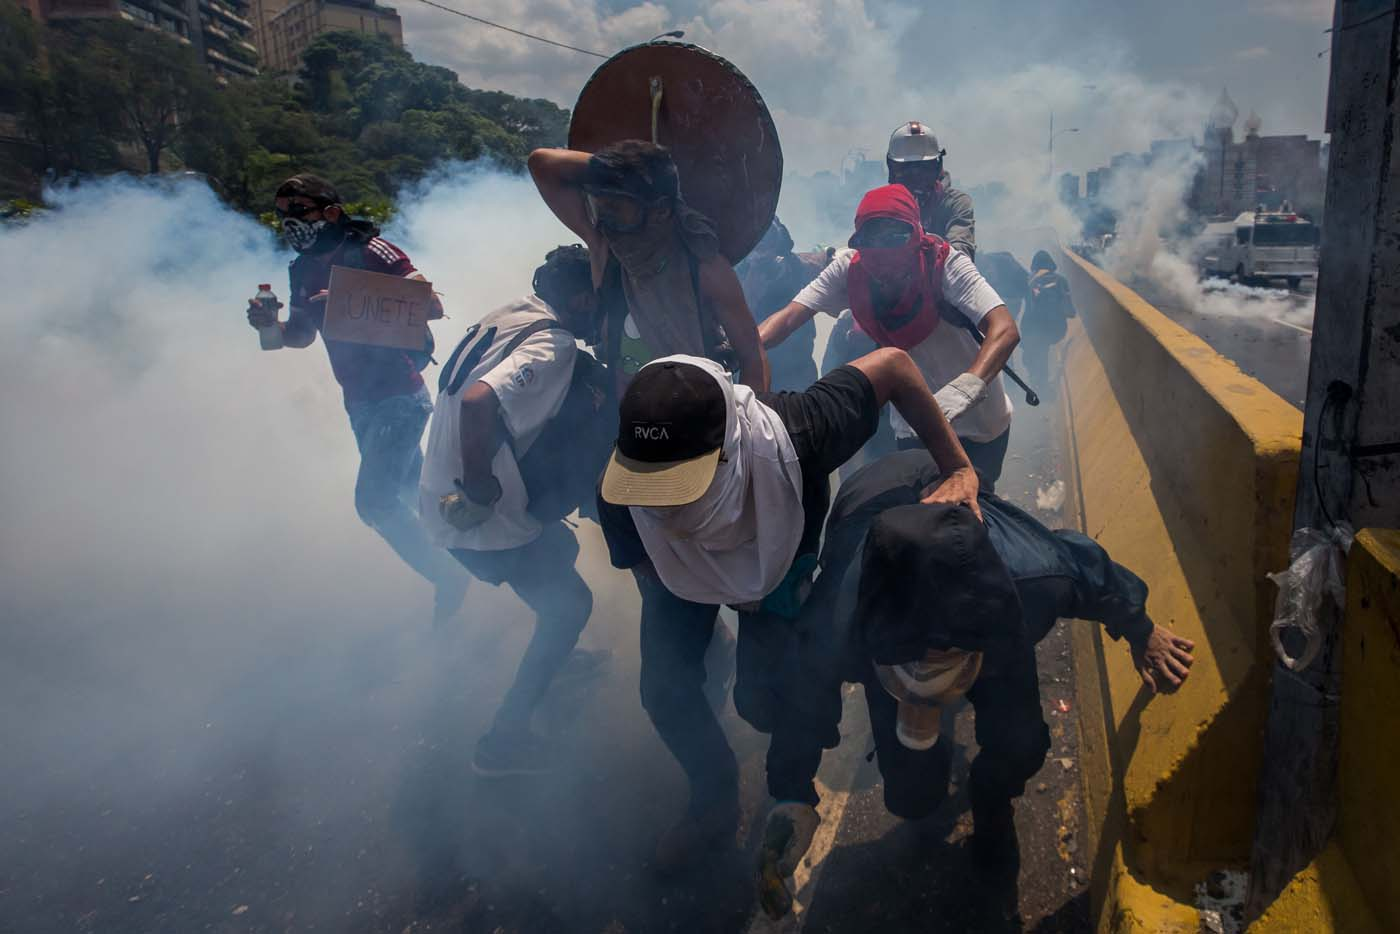 CAR01. CARACAS (VENEZUELA), 26/04/2017.- Venezolanos participan en una manifestación hoy, miércoles 26 de abril de 2017, en Caracas (Venezuela). Las fuerzas de seguridad de Venezuela dispersaron nuevamente algunas de las marchas convocadas por la oposición en Caracas, que pretendían llegar a la sede principal de la Defensoría del Pueblo en el centro de la capital. EFE/MIGUEL GUTIÉRREZ